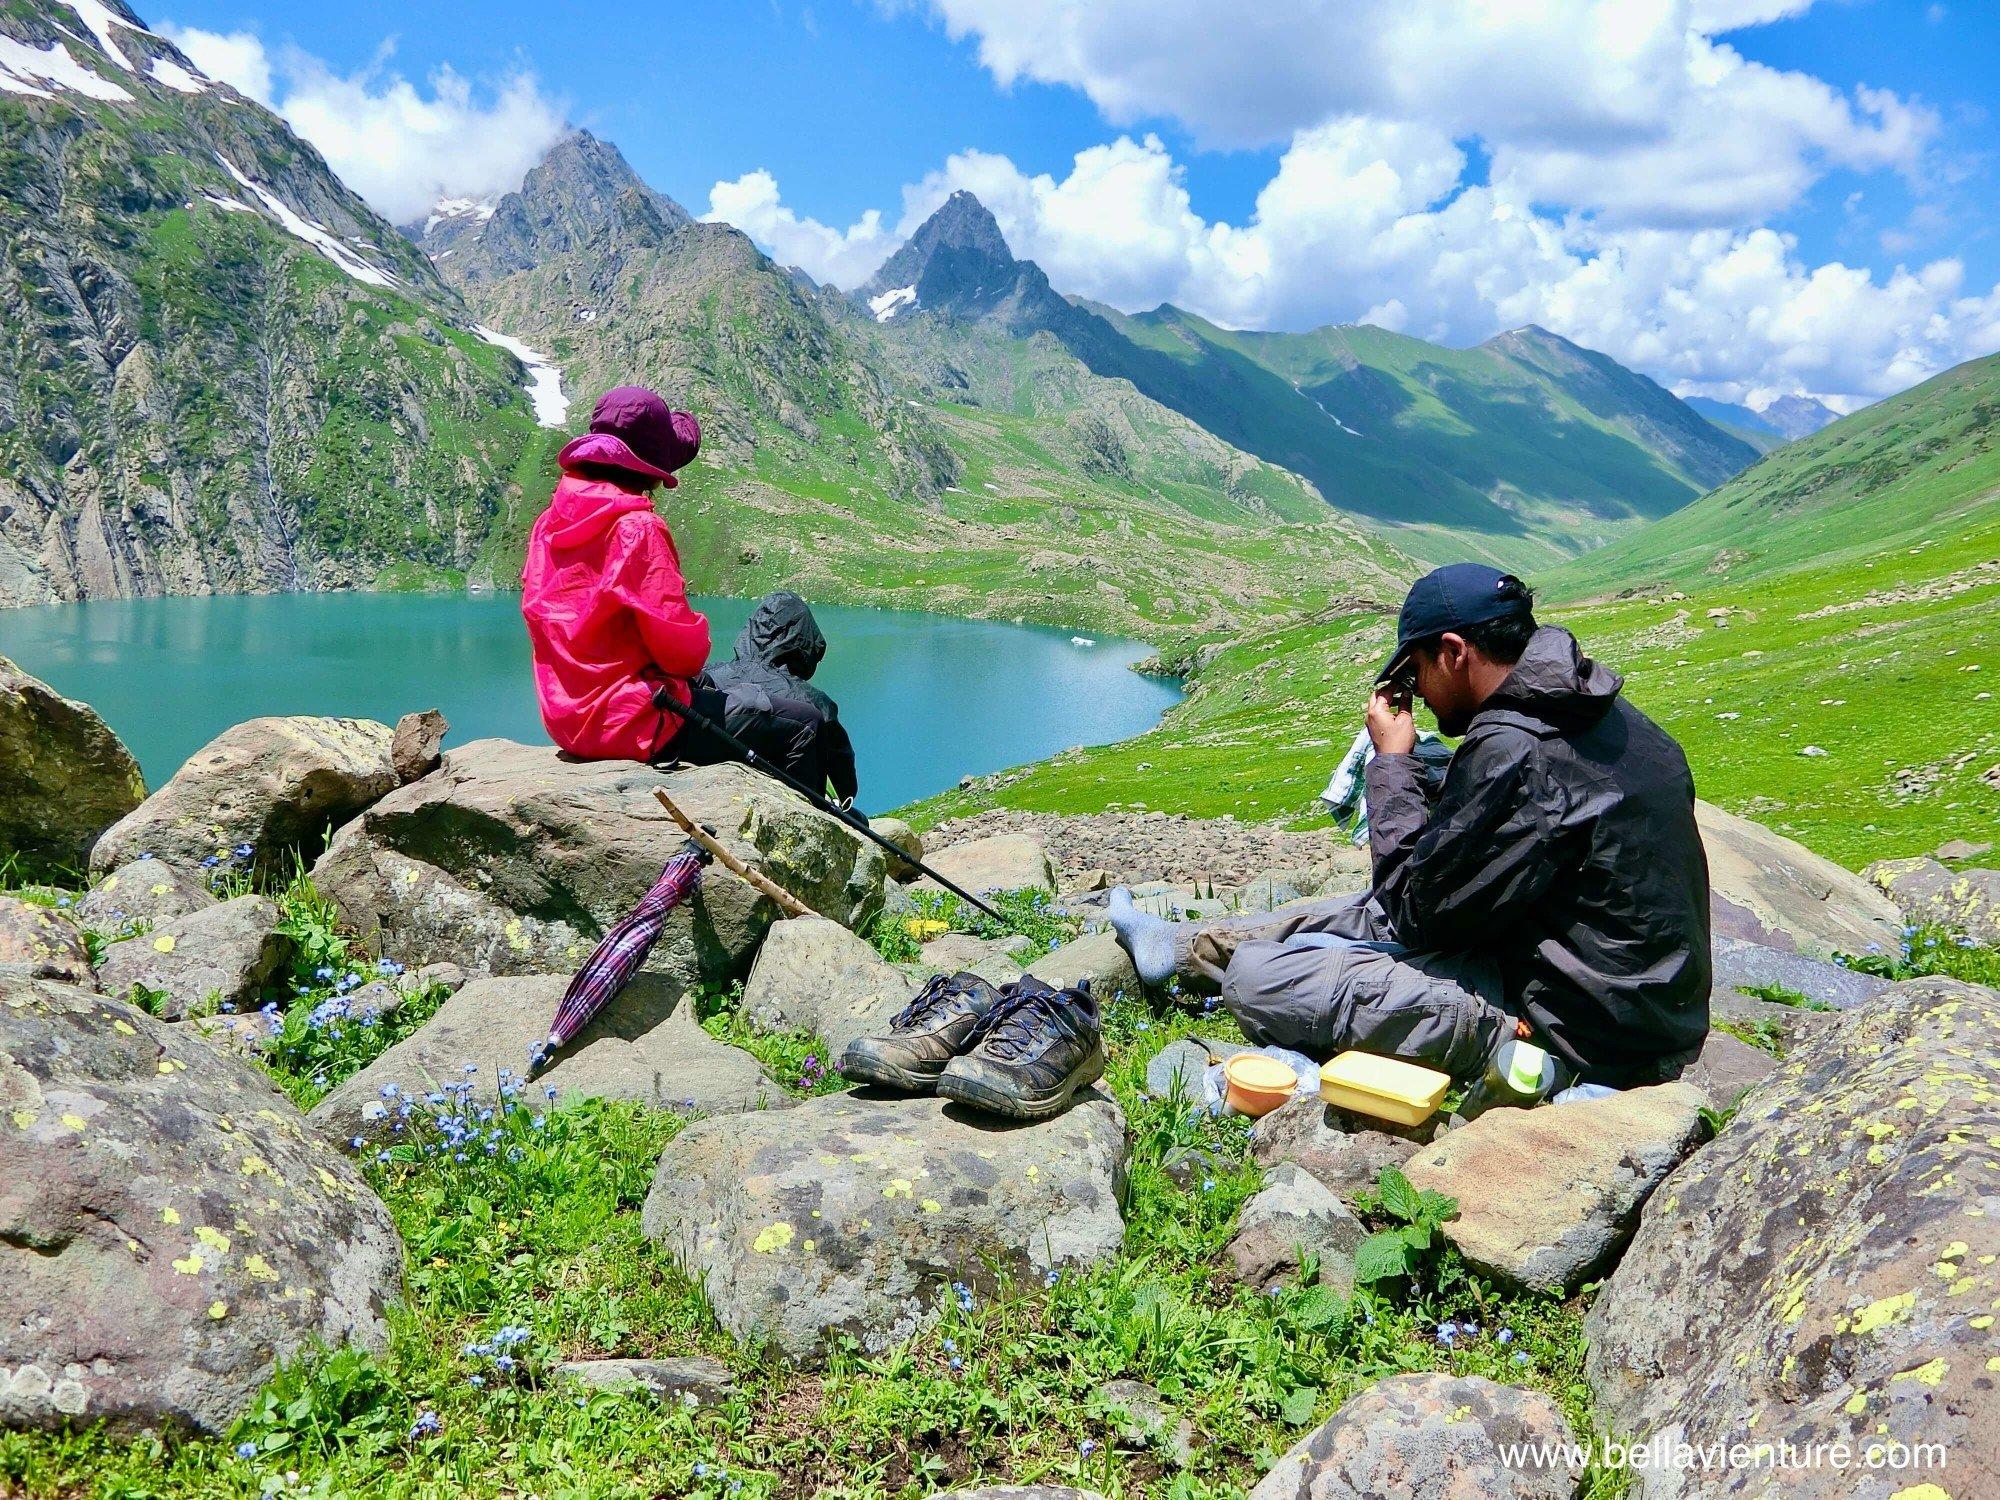 印度India 北北印 North India 喀什米爾 Kashmir 大湖健行 trekking  中午休息